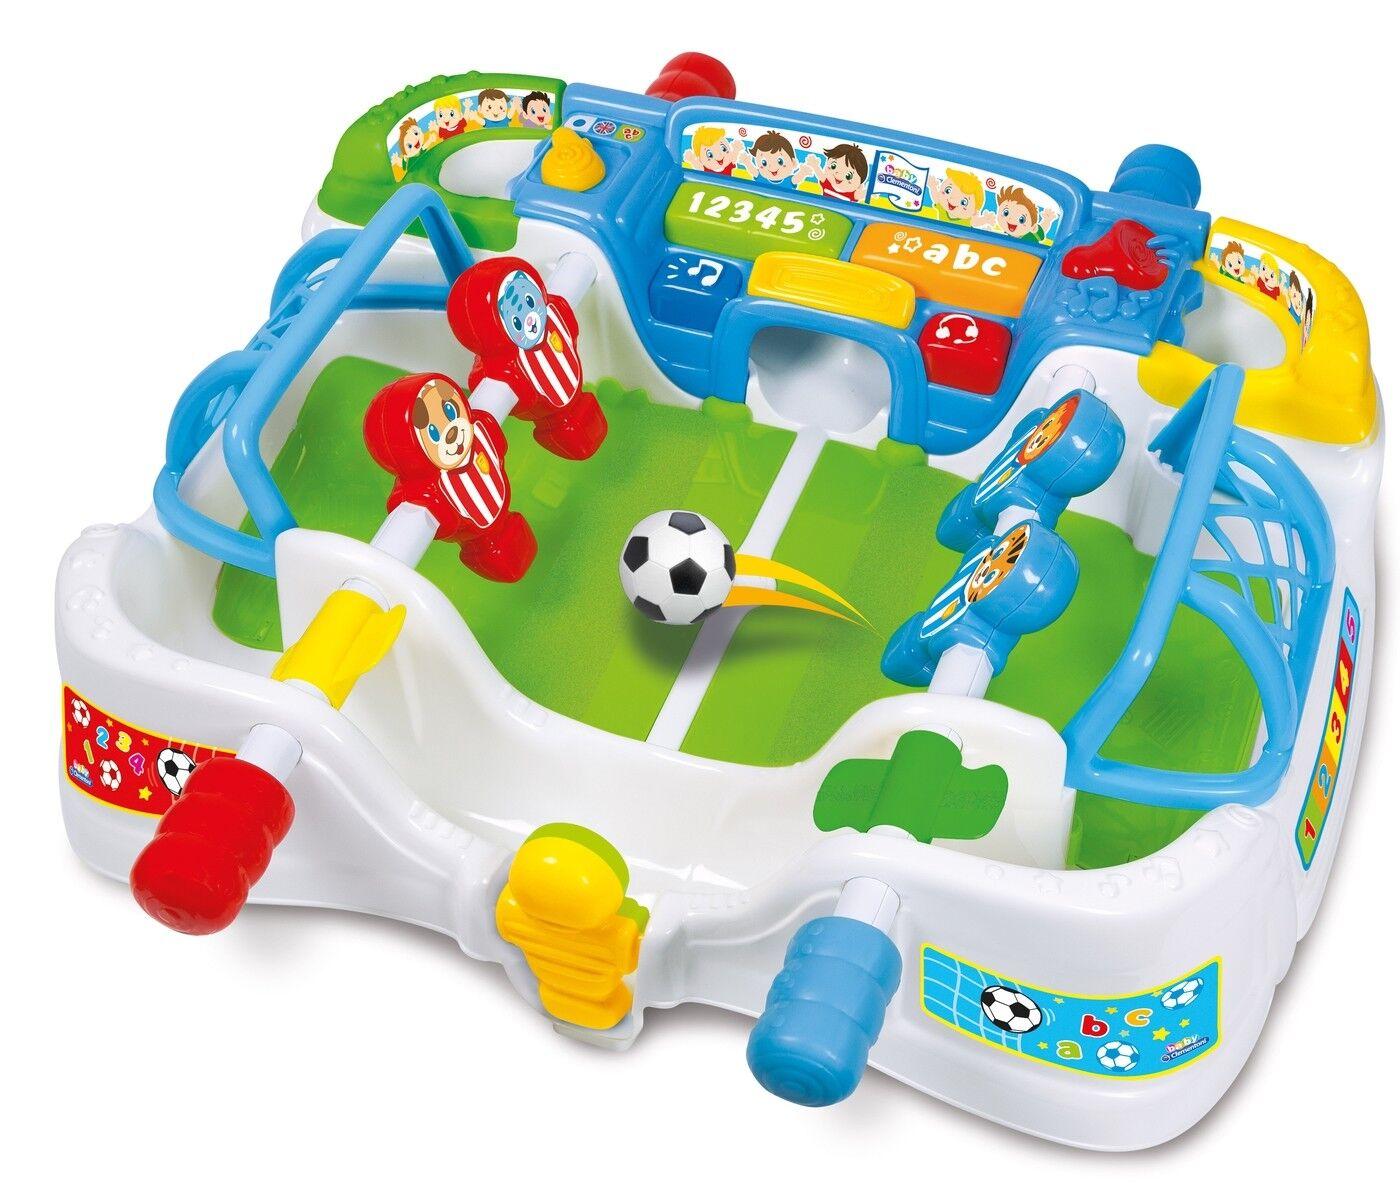 Clementoni Tischfußballspiel ab 18 Monate interaktiv Tisch Fußball Art 59003  | Ab dem neuesten Modell